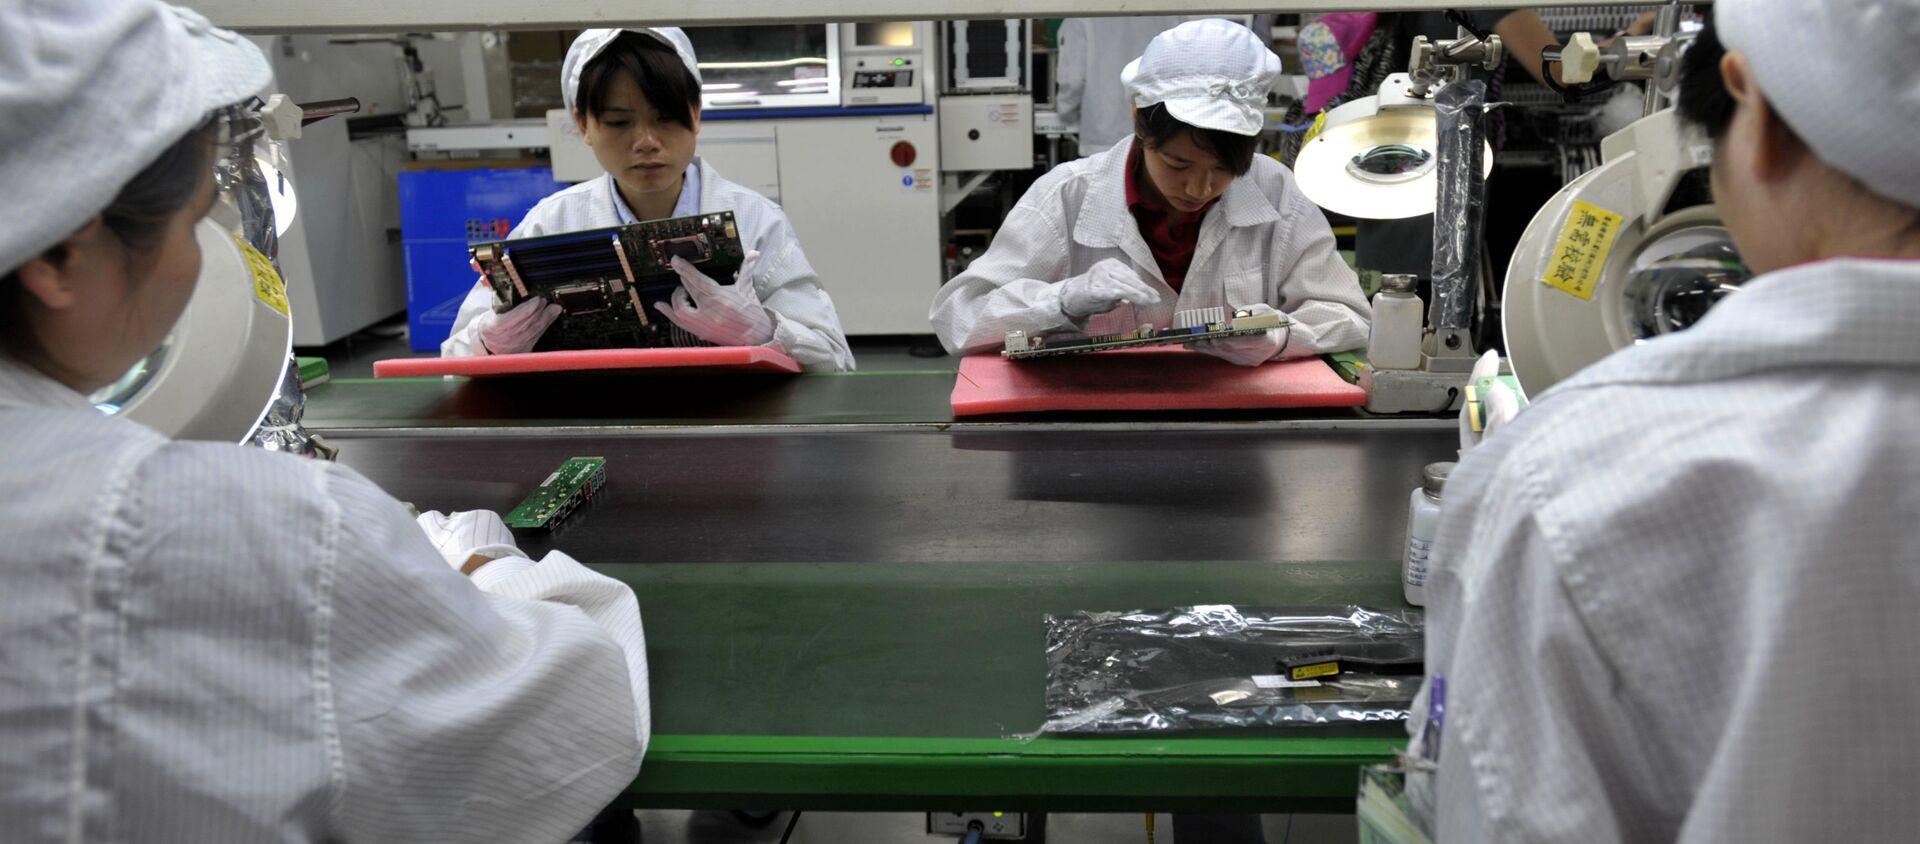 Công nhân Trung Quốc lắp ráp linh kiện điện tử trong nhà máy thuộc công ty khổng lồ Foxconn của Đài Loan tại Thâm Quyến, Trung Quốc - Sputnik Việt Nam, 1920, 26.11.2020